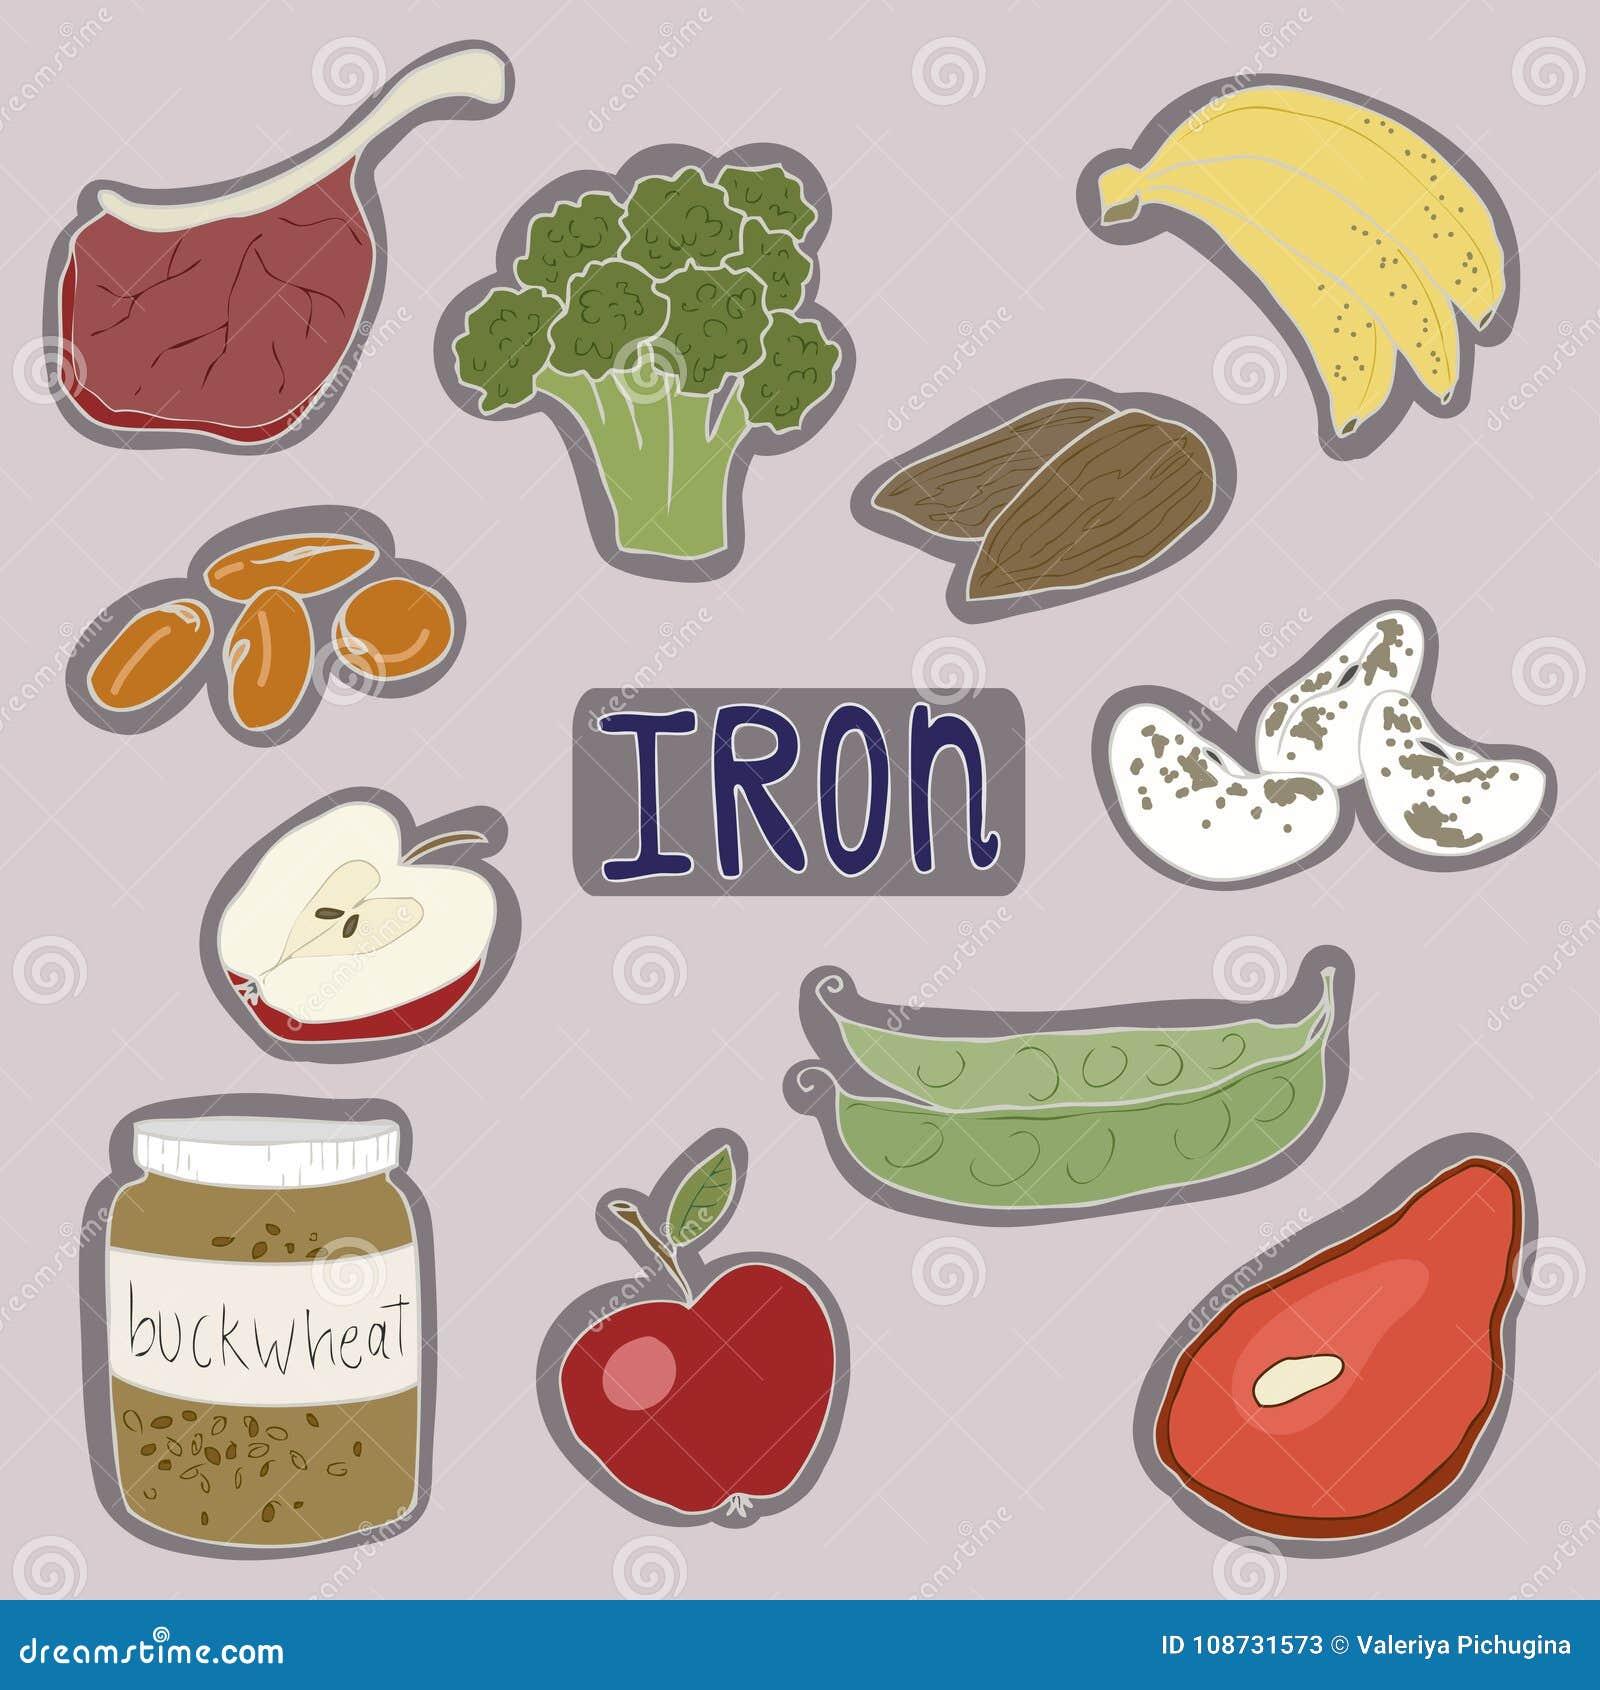 Que contiene mucho hierro